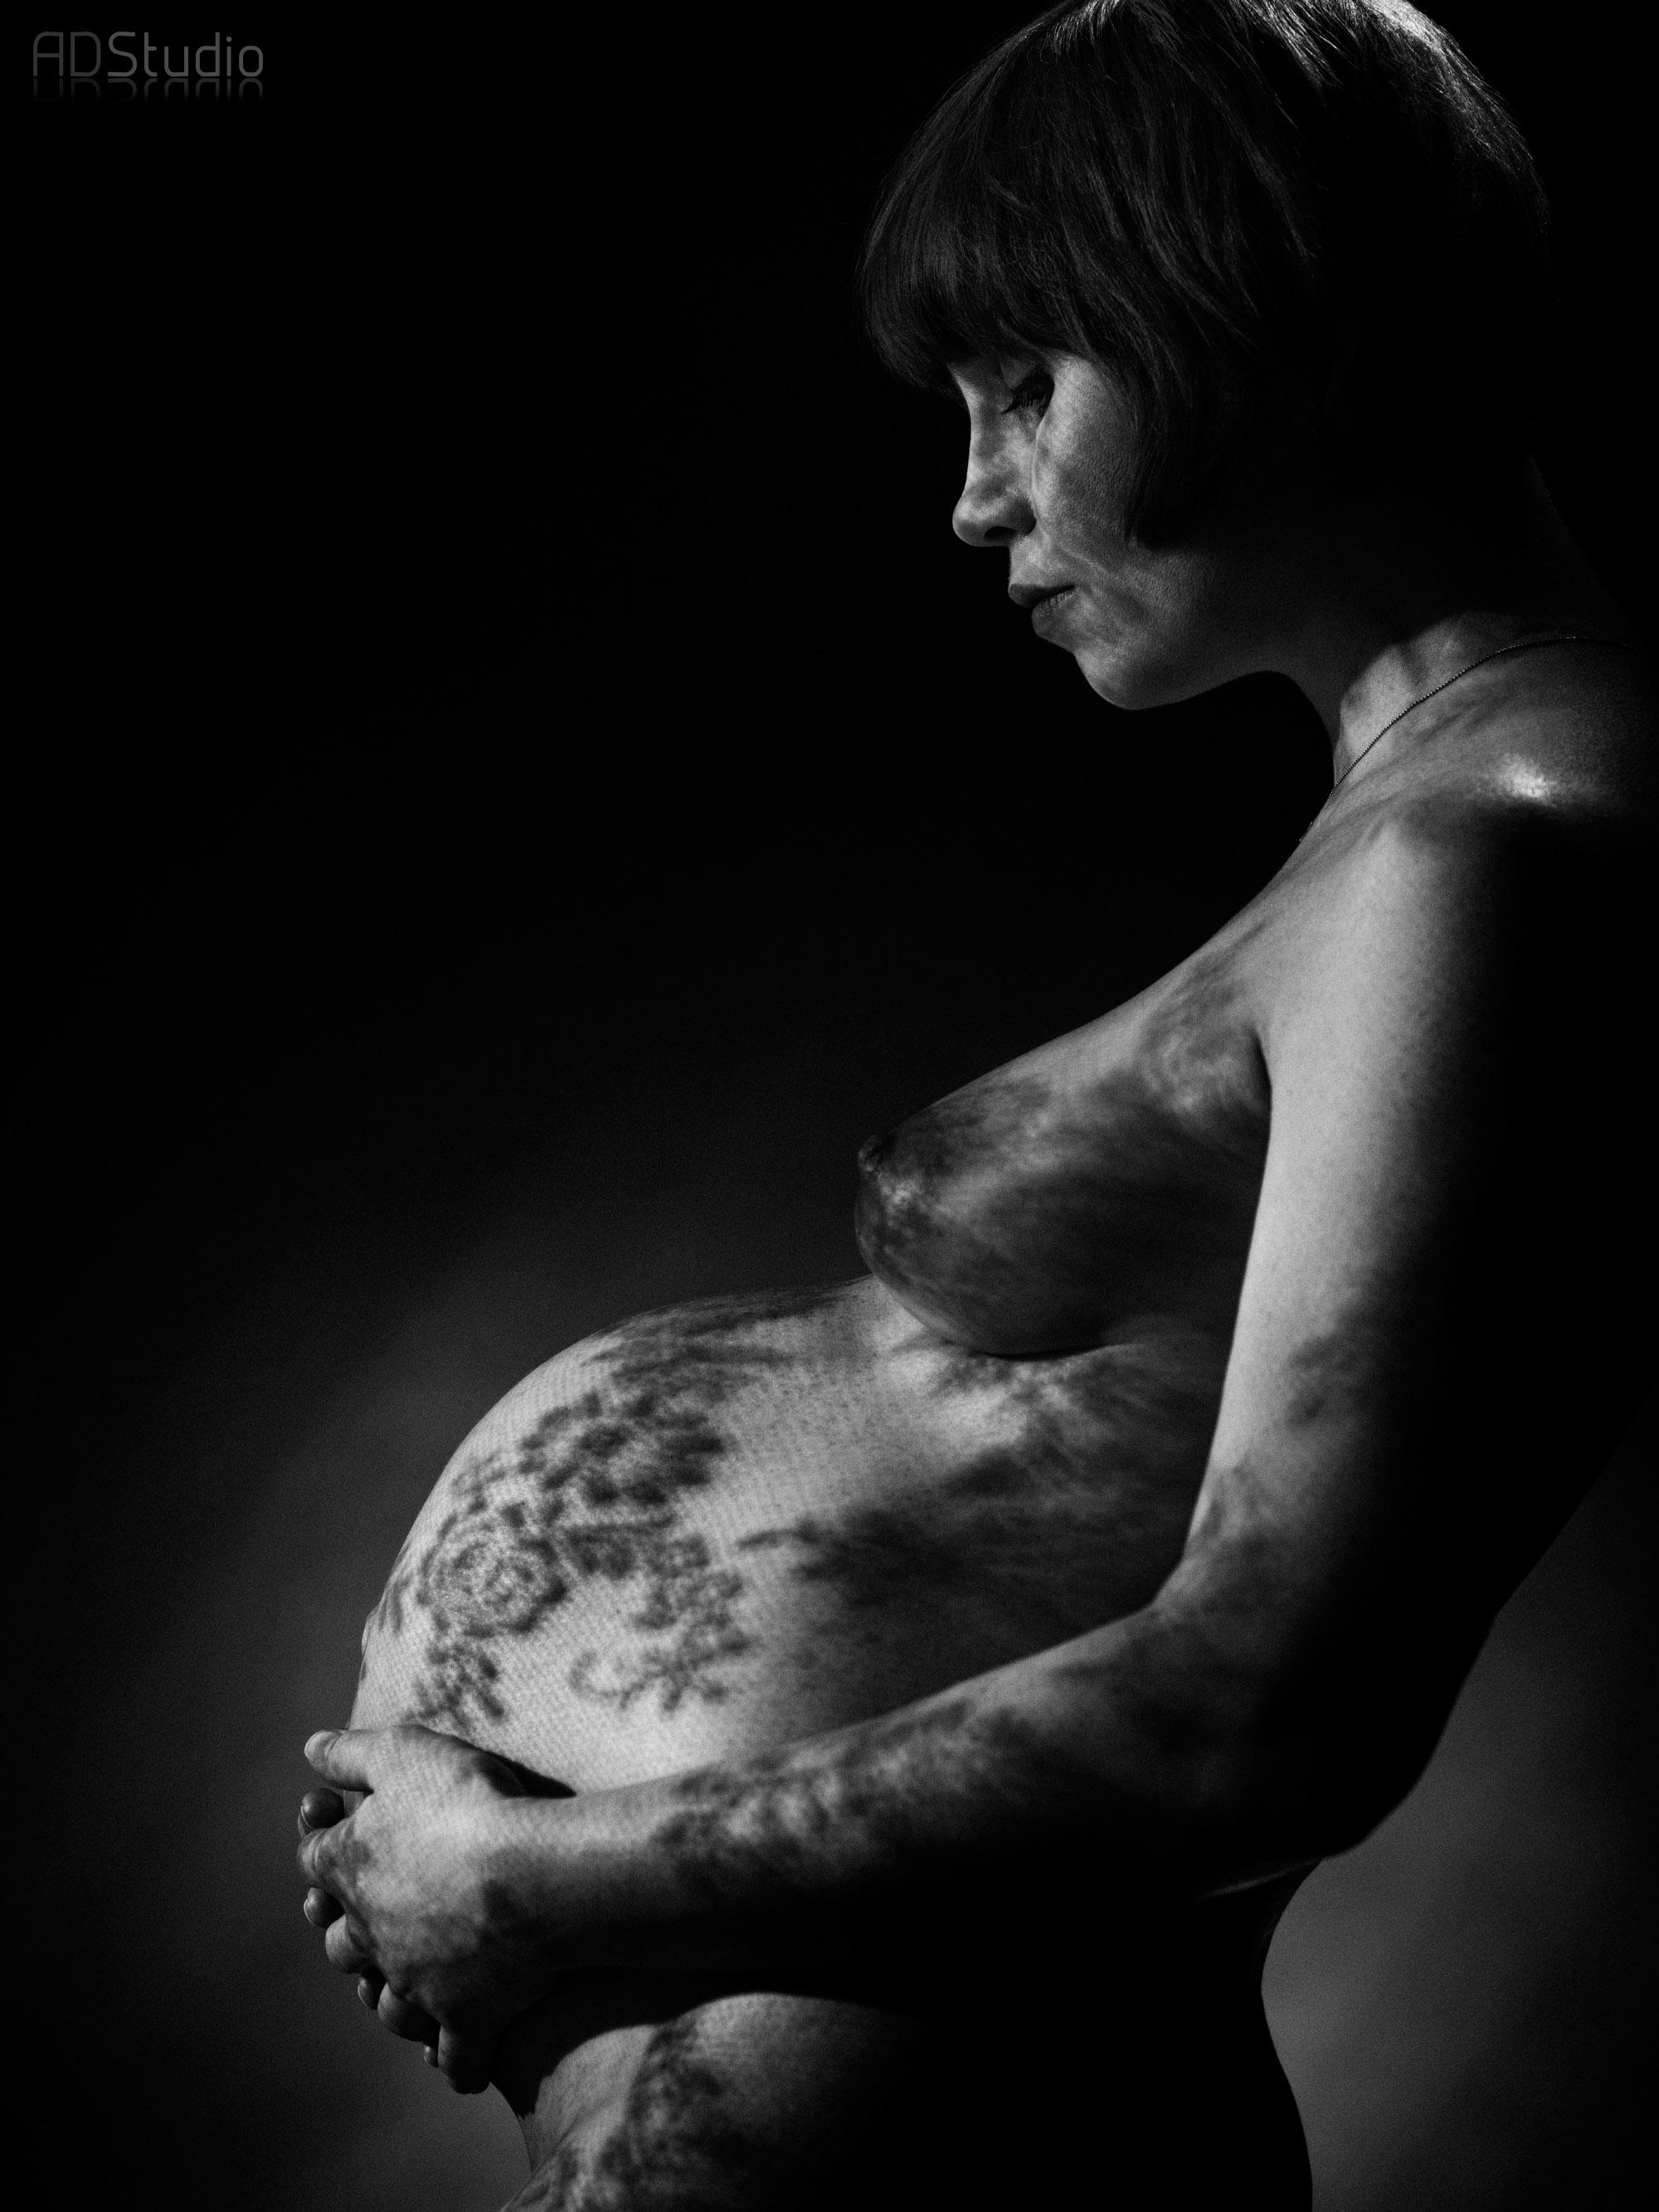 fotografia ciążowa - portret w ciąży wykonany w ADStudio Warszawa